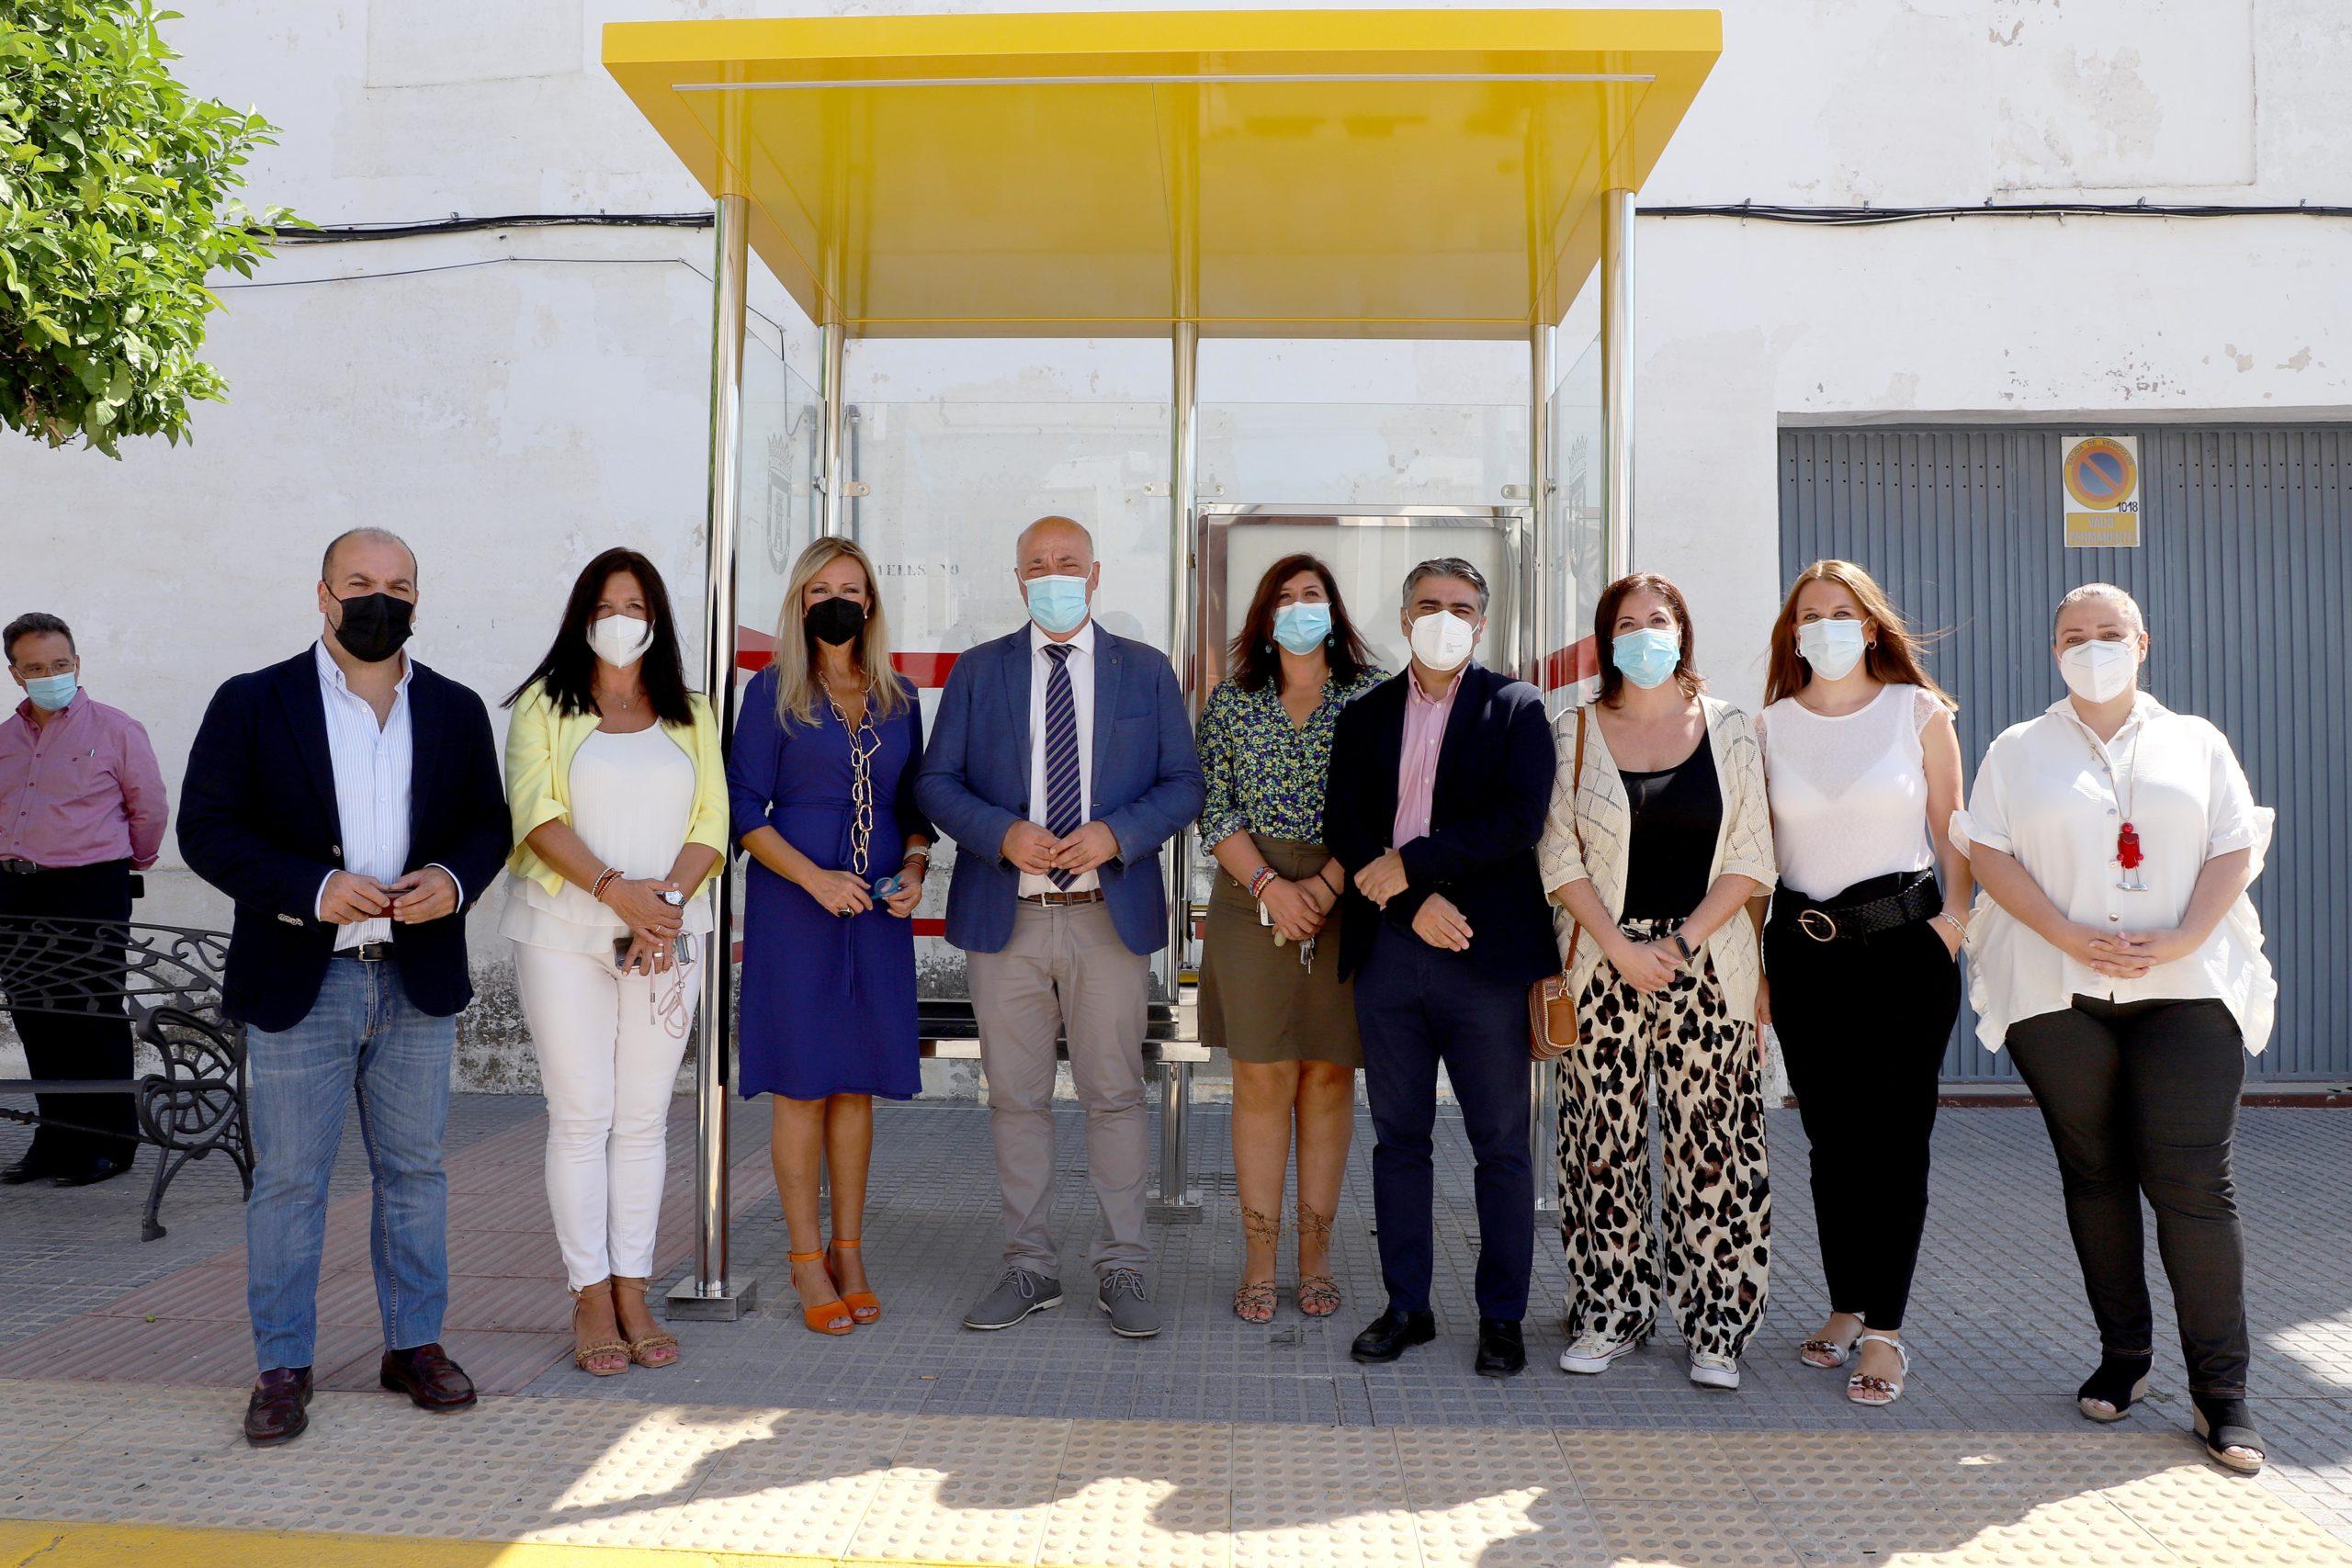 Bujalance disfrutará de un transporte colectivo de viajeros sostenible y respetuoso con el medio ambiente gracias a la Diputación